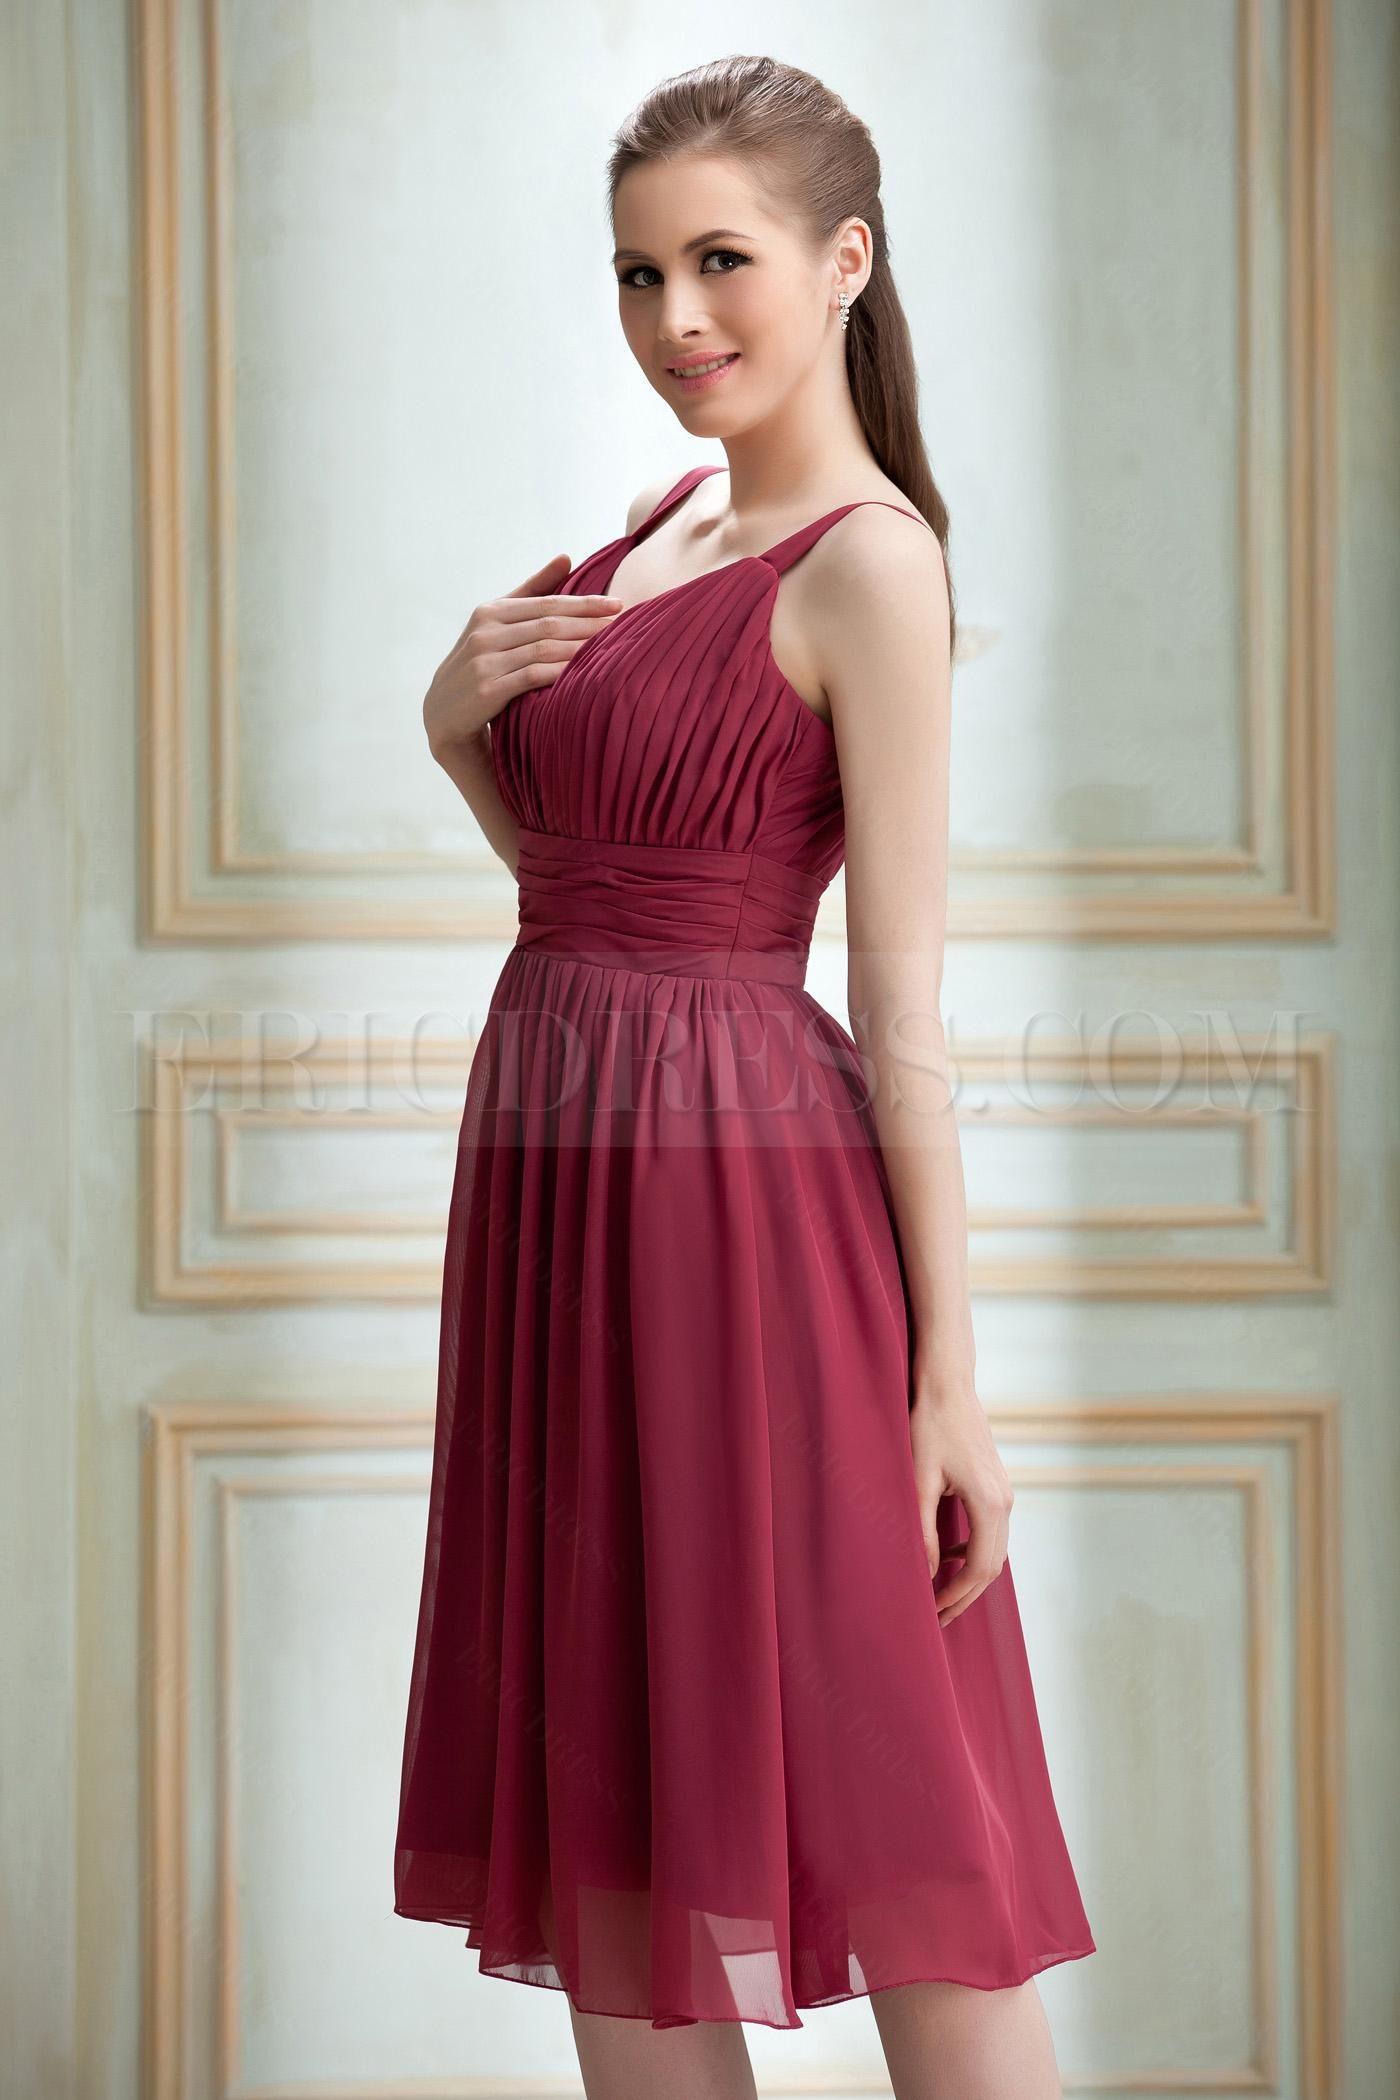 Elegant aline vneck kneelength nadyaus prom dress dress elegant